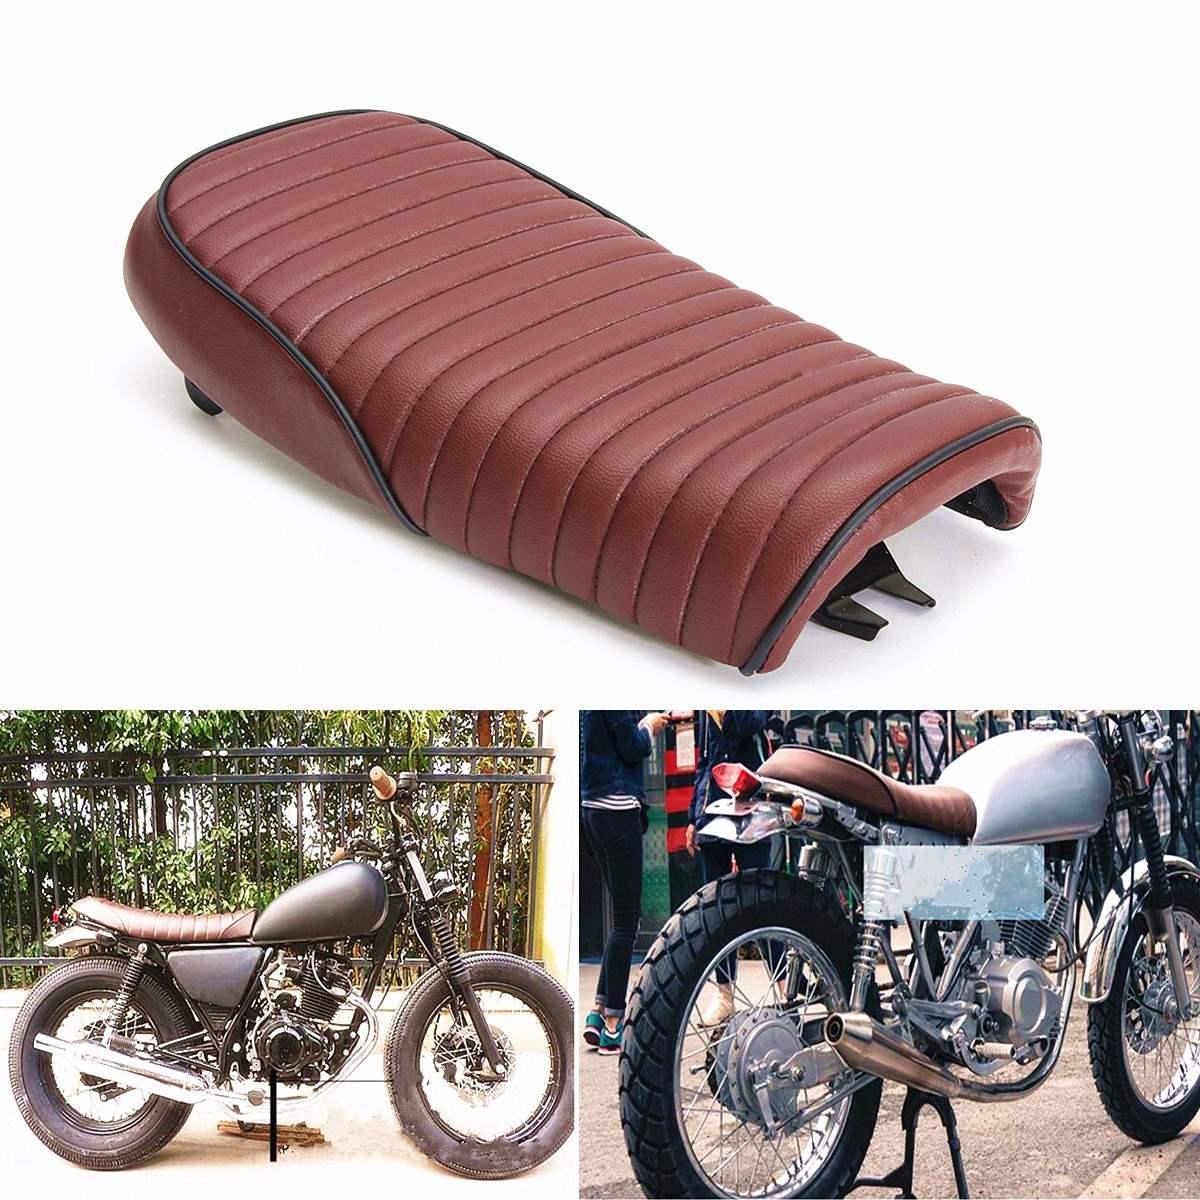 achetez en gros selle si ge moto en ligne des grossistes selle si ge moto chinois aliexpress. Black Bedroom Furniture Sets. Home Design Ideas